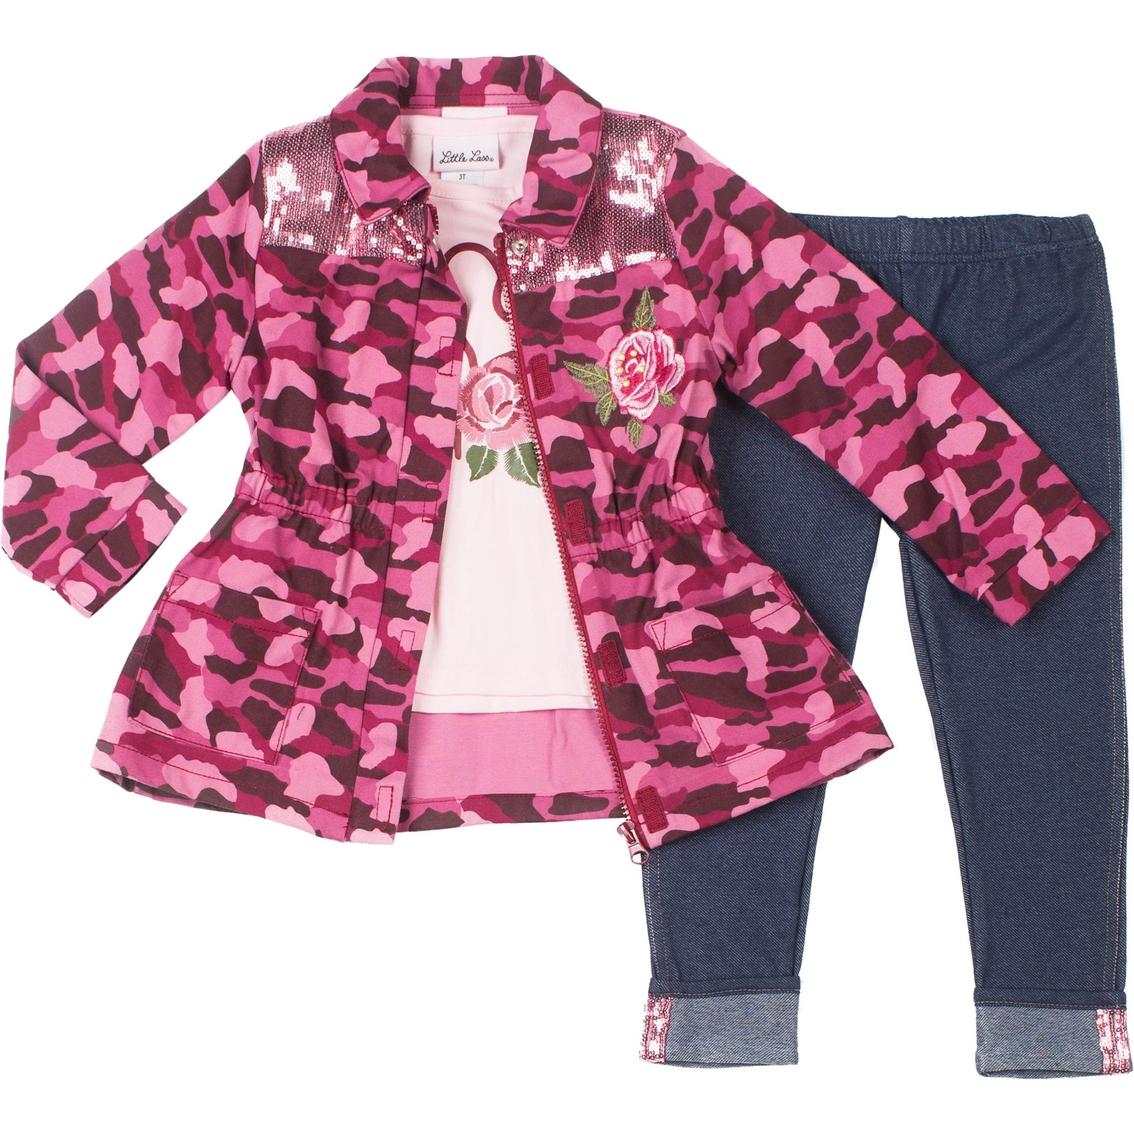 16204b56591e7 Little Lass Toddler Girls 3 Pc. Camo Heart Jacket Set | Toddler ...